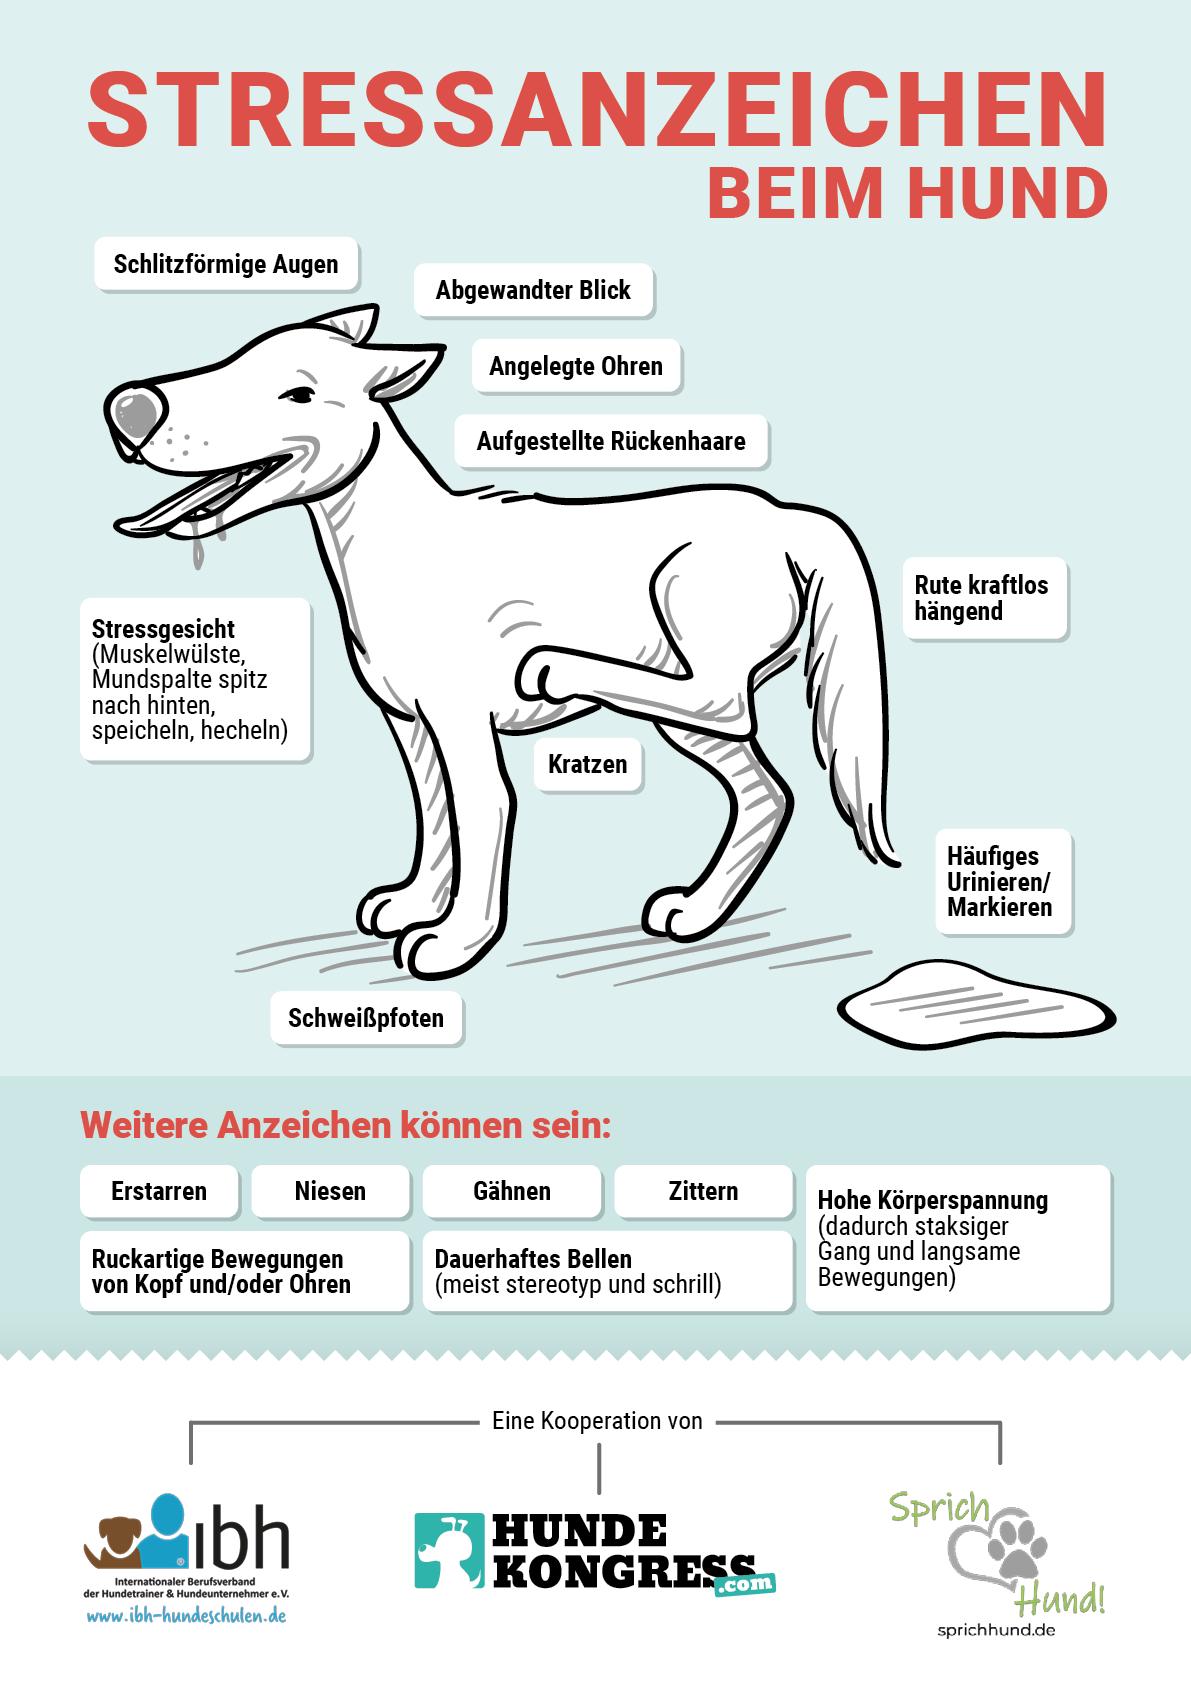 Stressanzeichen beim Hund